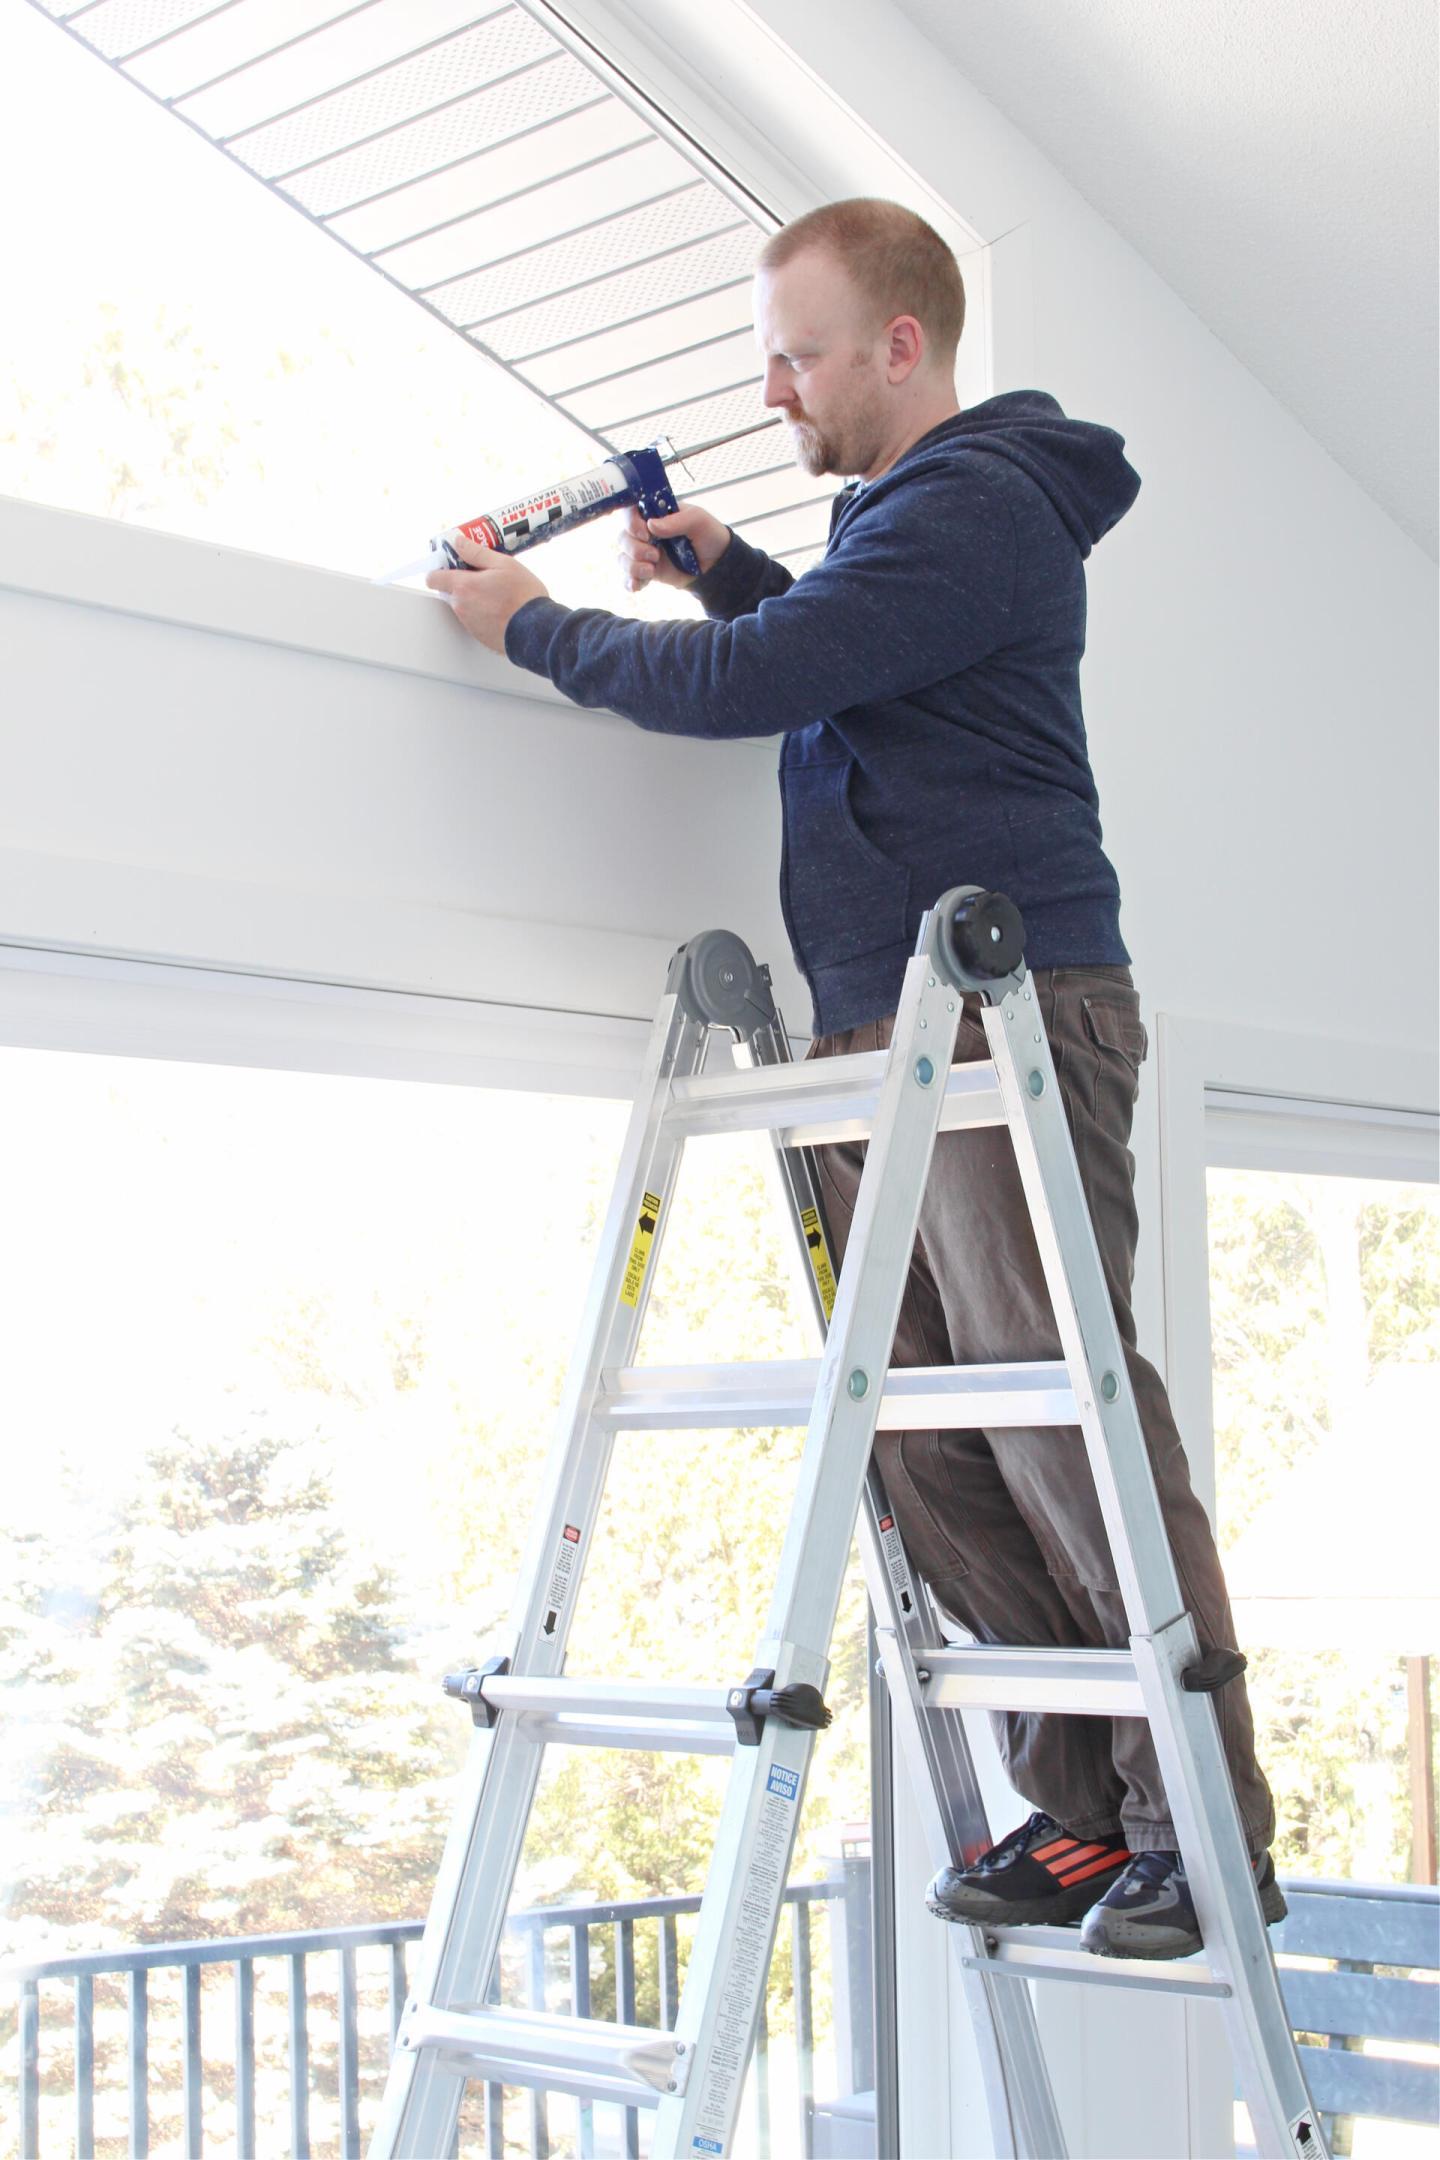 Cosco 22 ft Reach Aluminium Telescoping Multi Position Ladder